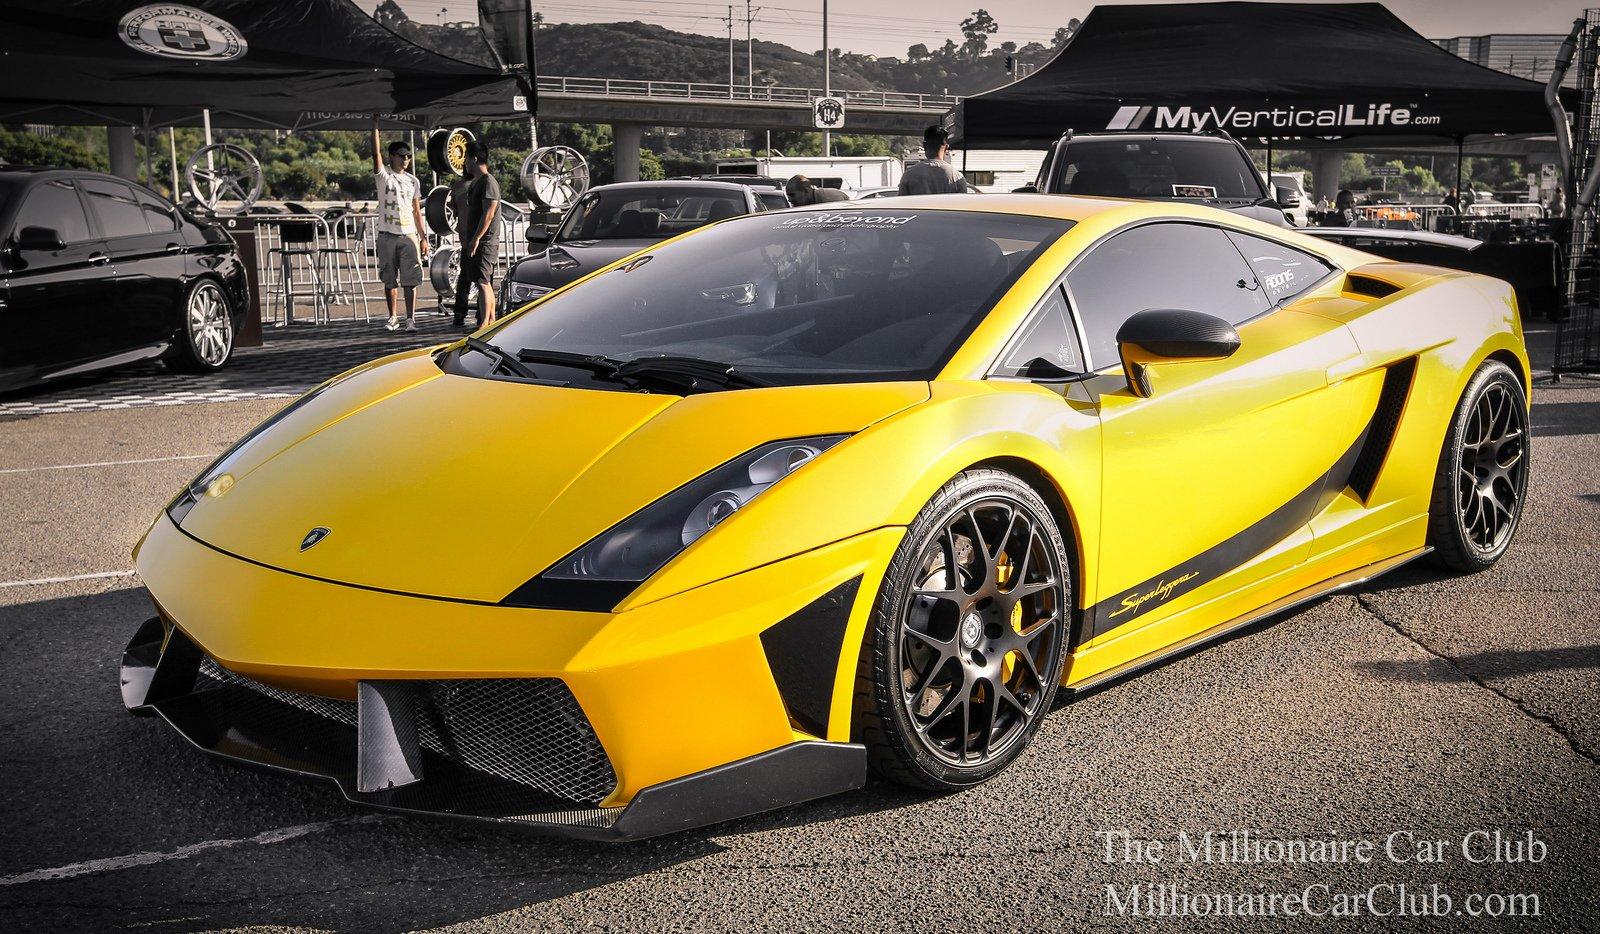 lamborghini gallardo lp570 4 superleggera italian dreamcar supercar exotic sportscar giallo jaune yellow wallpaper 1600x934 404627 wallpaperup - Lamborghini Gallardo Superleggera Lp570 4 Yellow